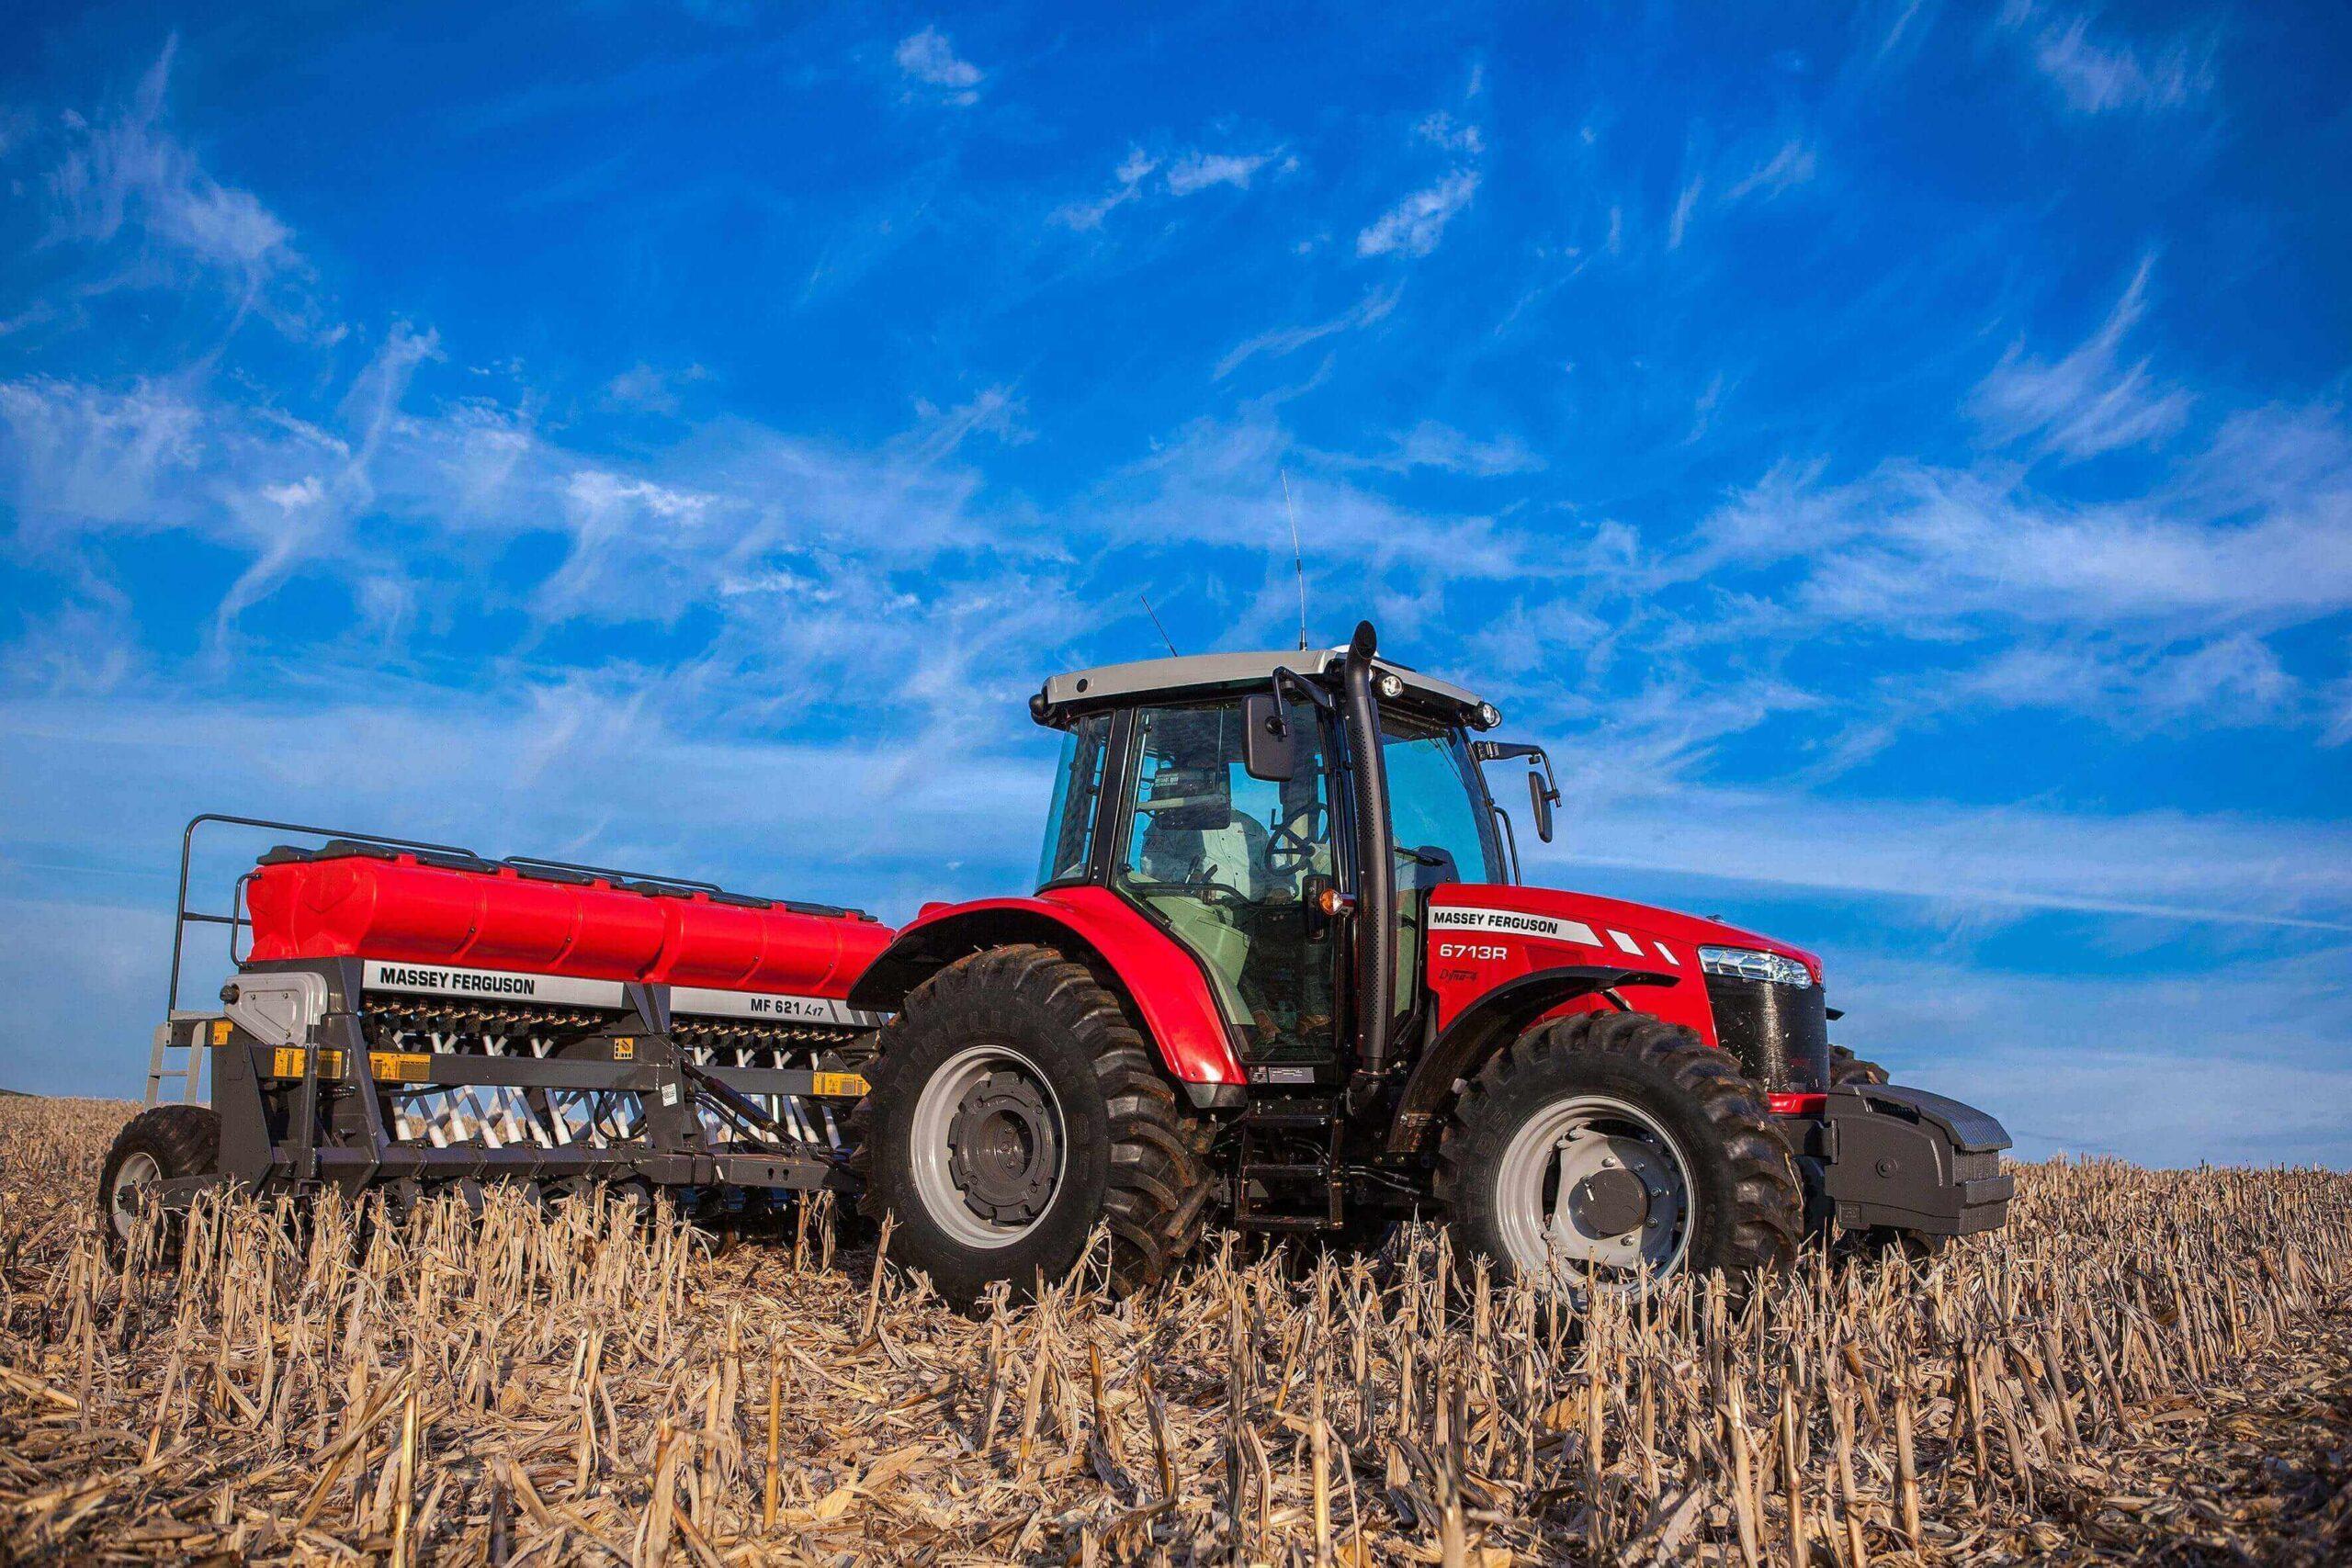 Saiba como escolher o trator agrícola ideal para a sua propriedade rural